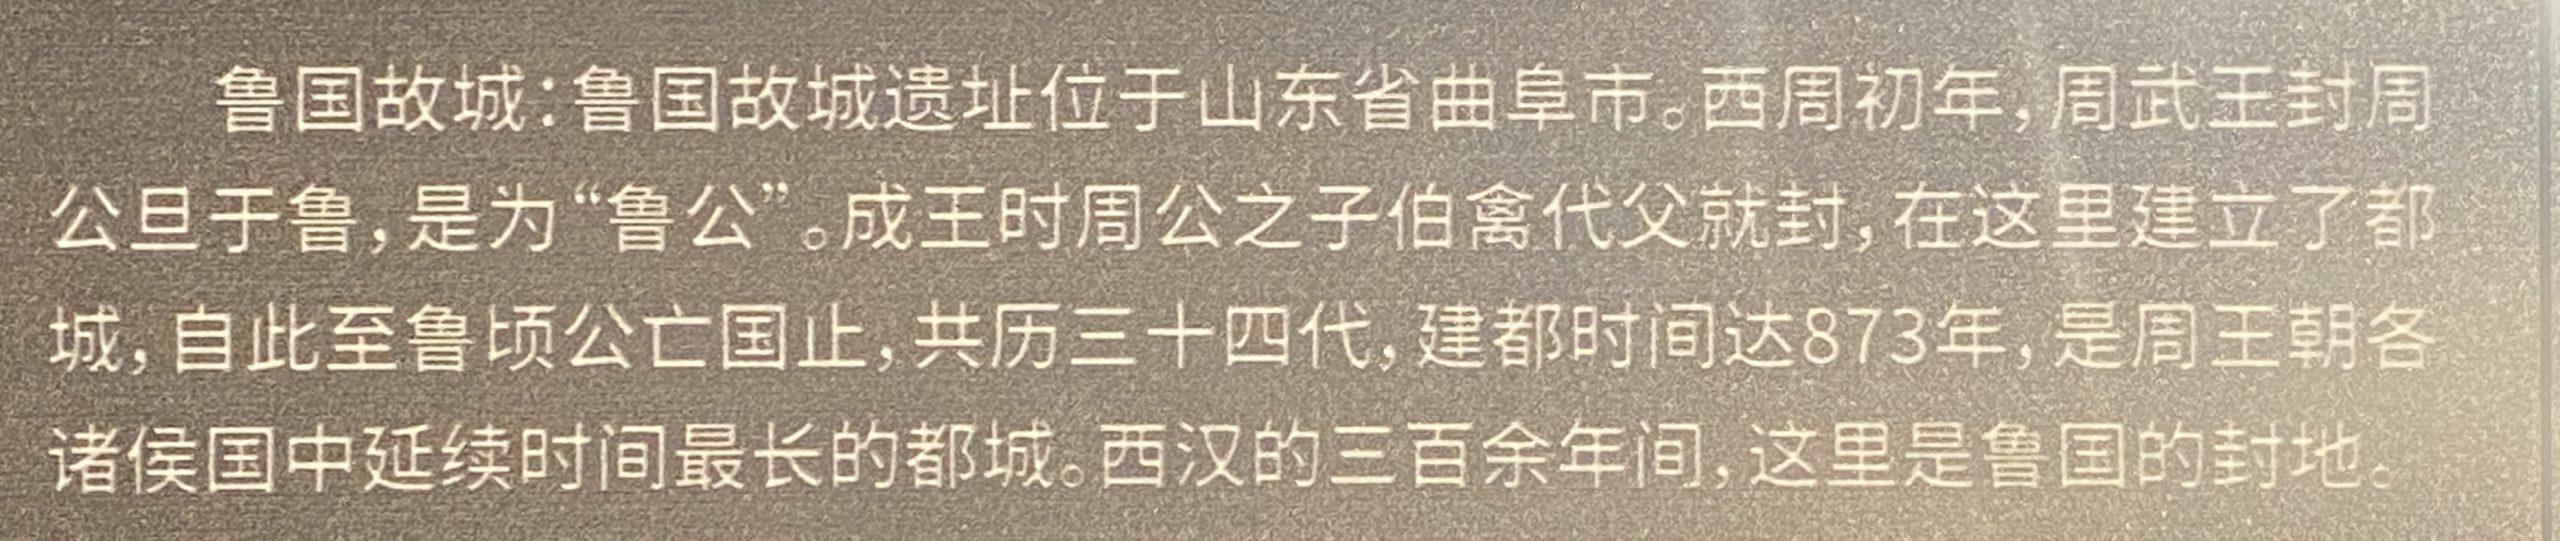 魯霊光殿卵石紋レンガ-【列備五都ー秦漢時代の中国都市】-成都博物館-四川成都